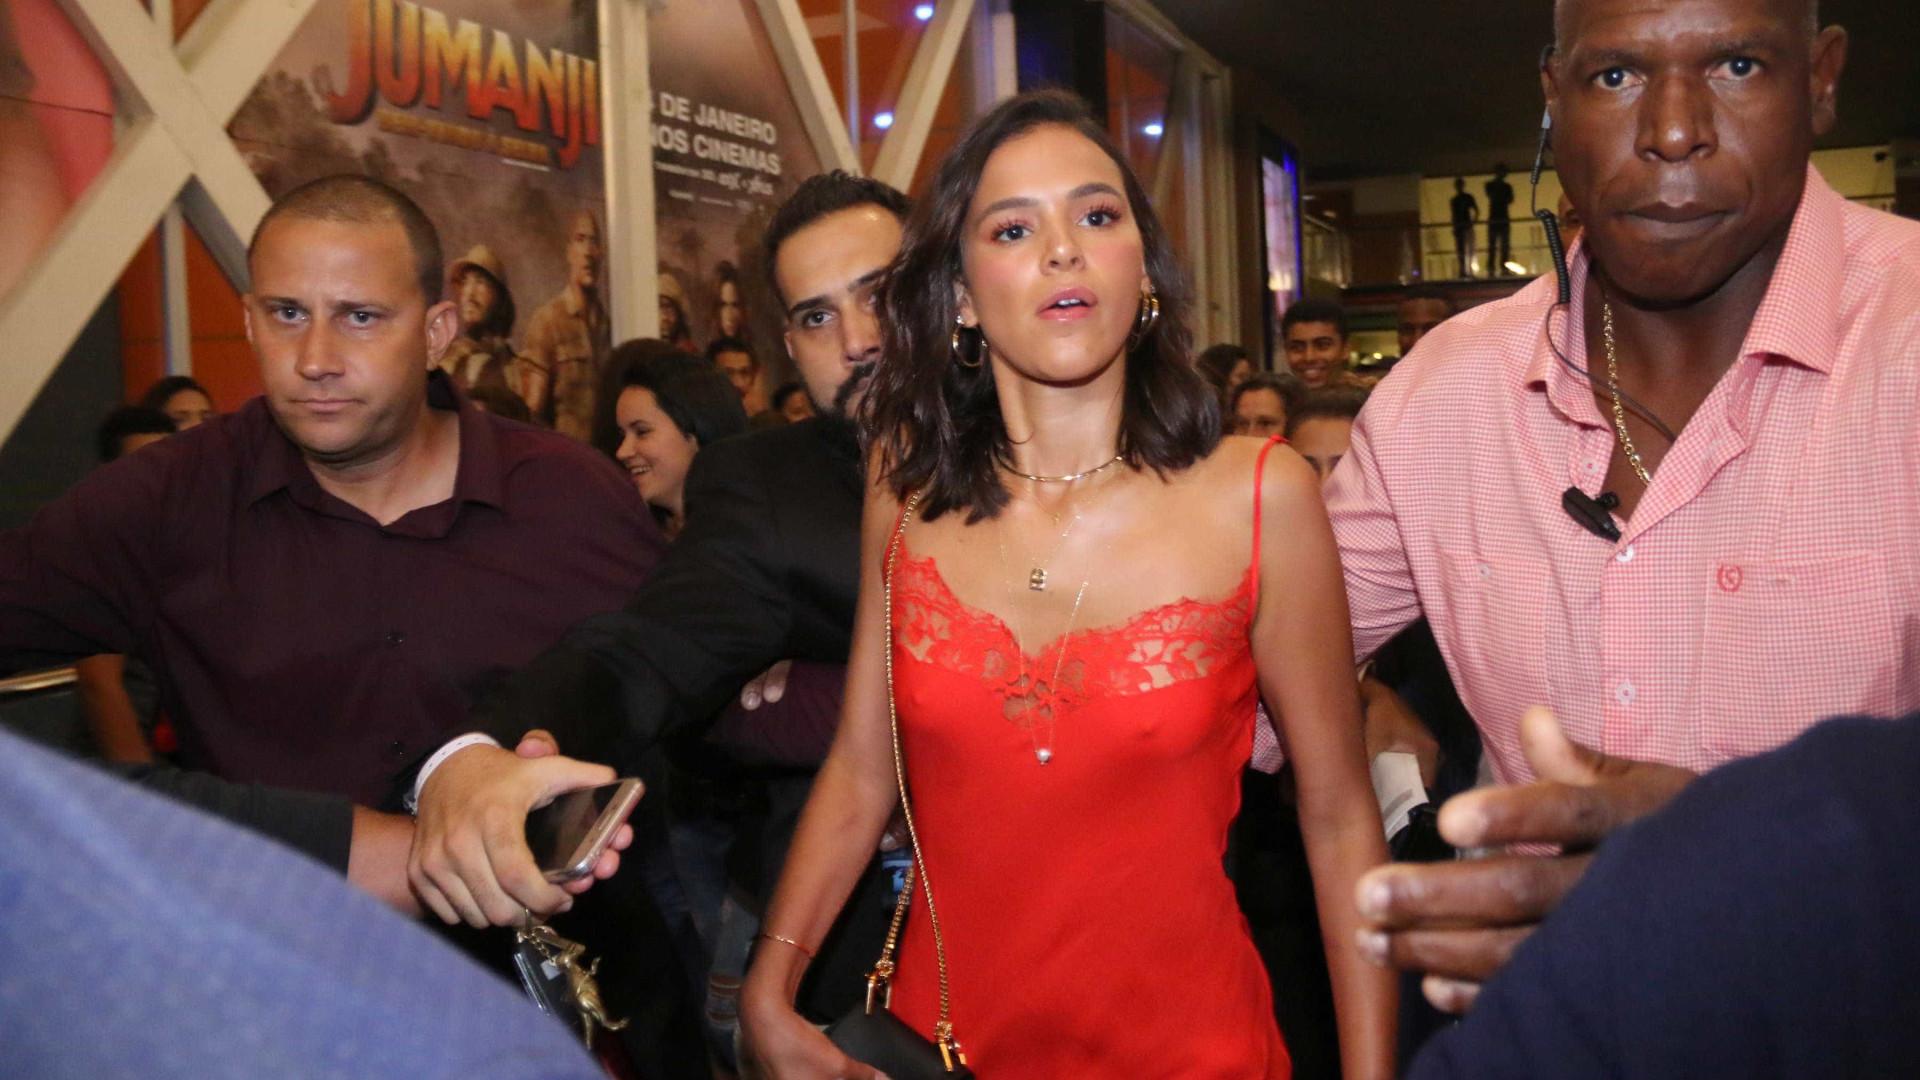 Vestido de Bruna Marquezine é de grife francesa e custa R$ 7 mil